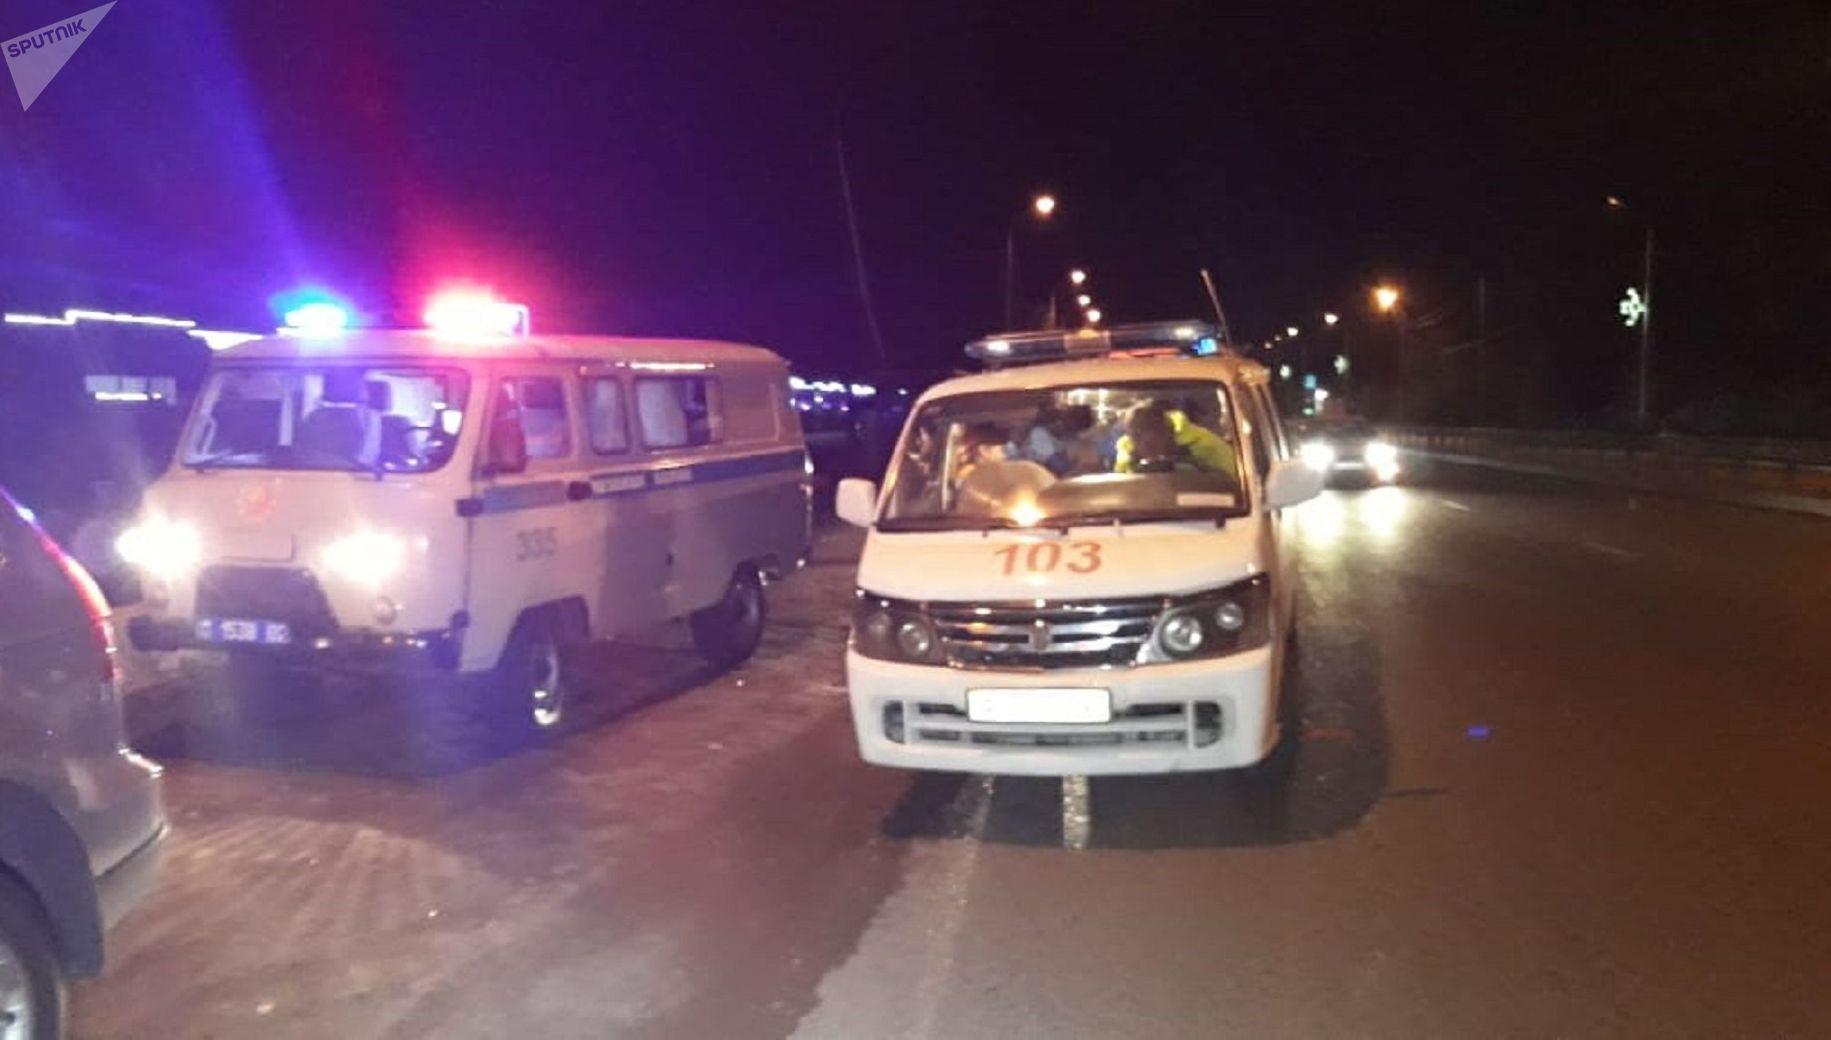 Водитель авто госпитализирован в тяжелом состоянии